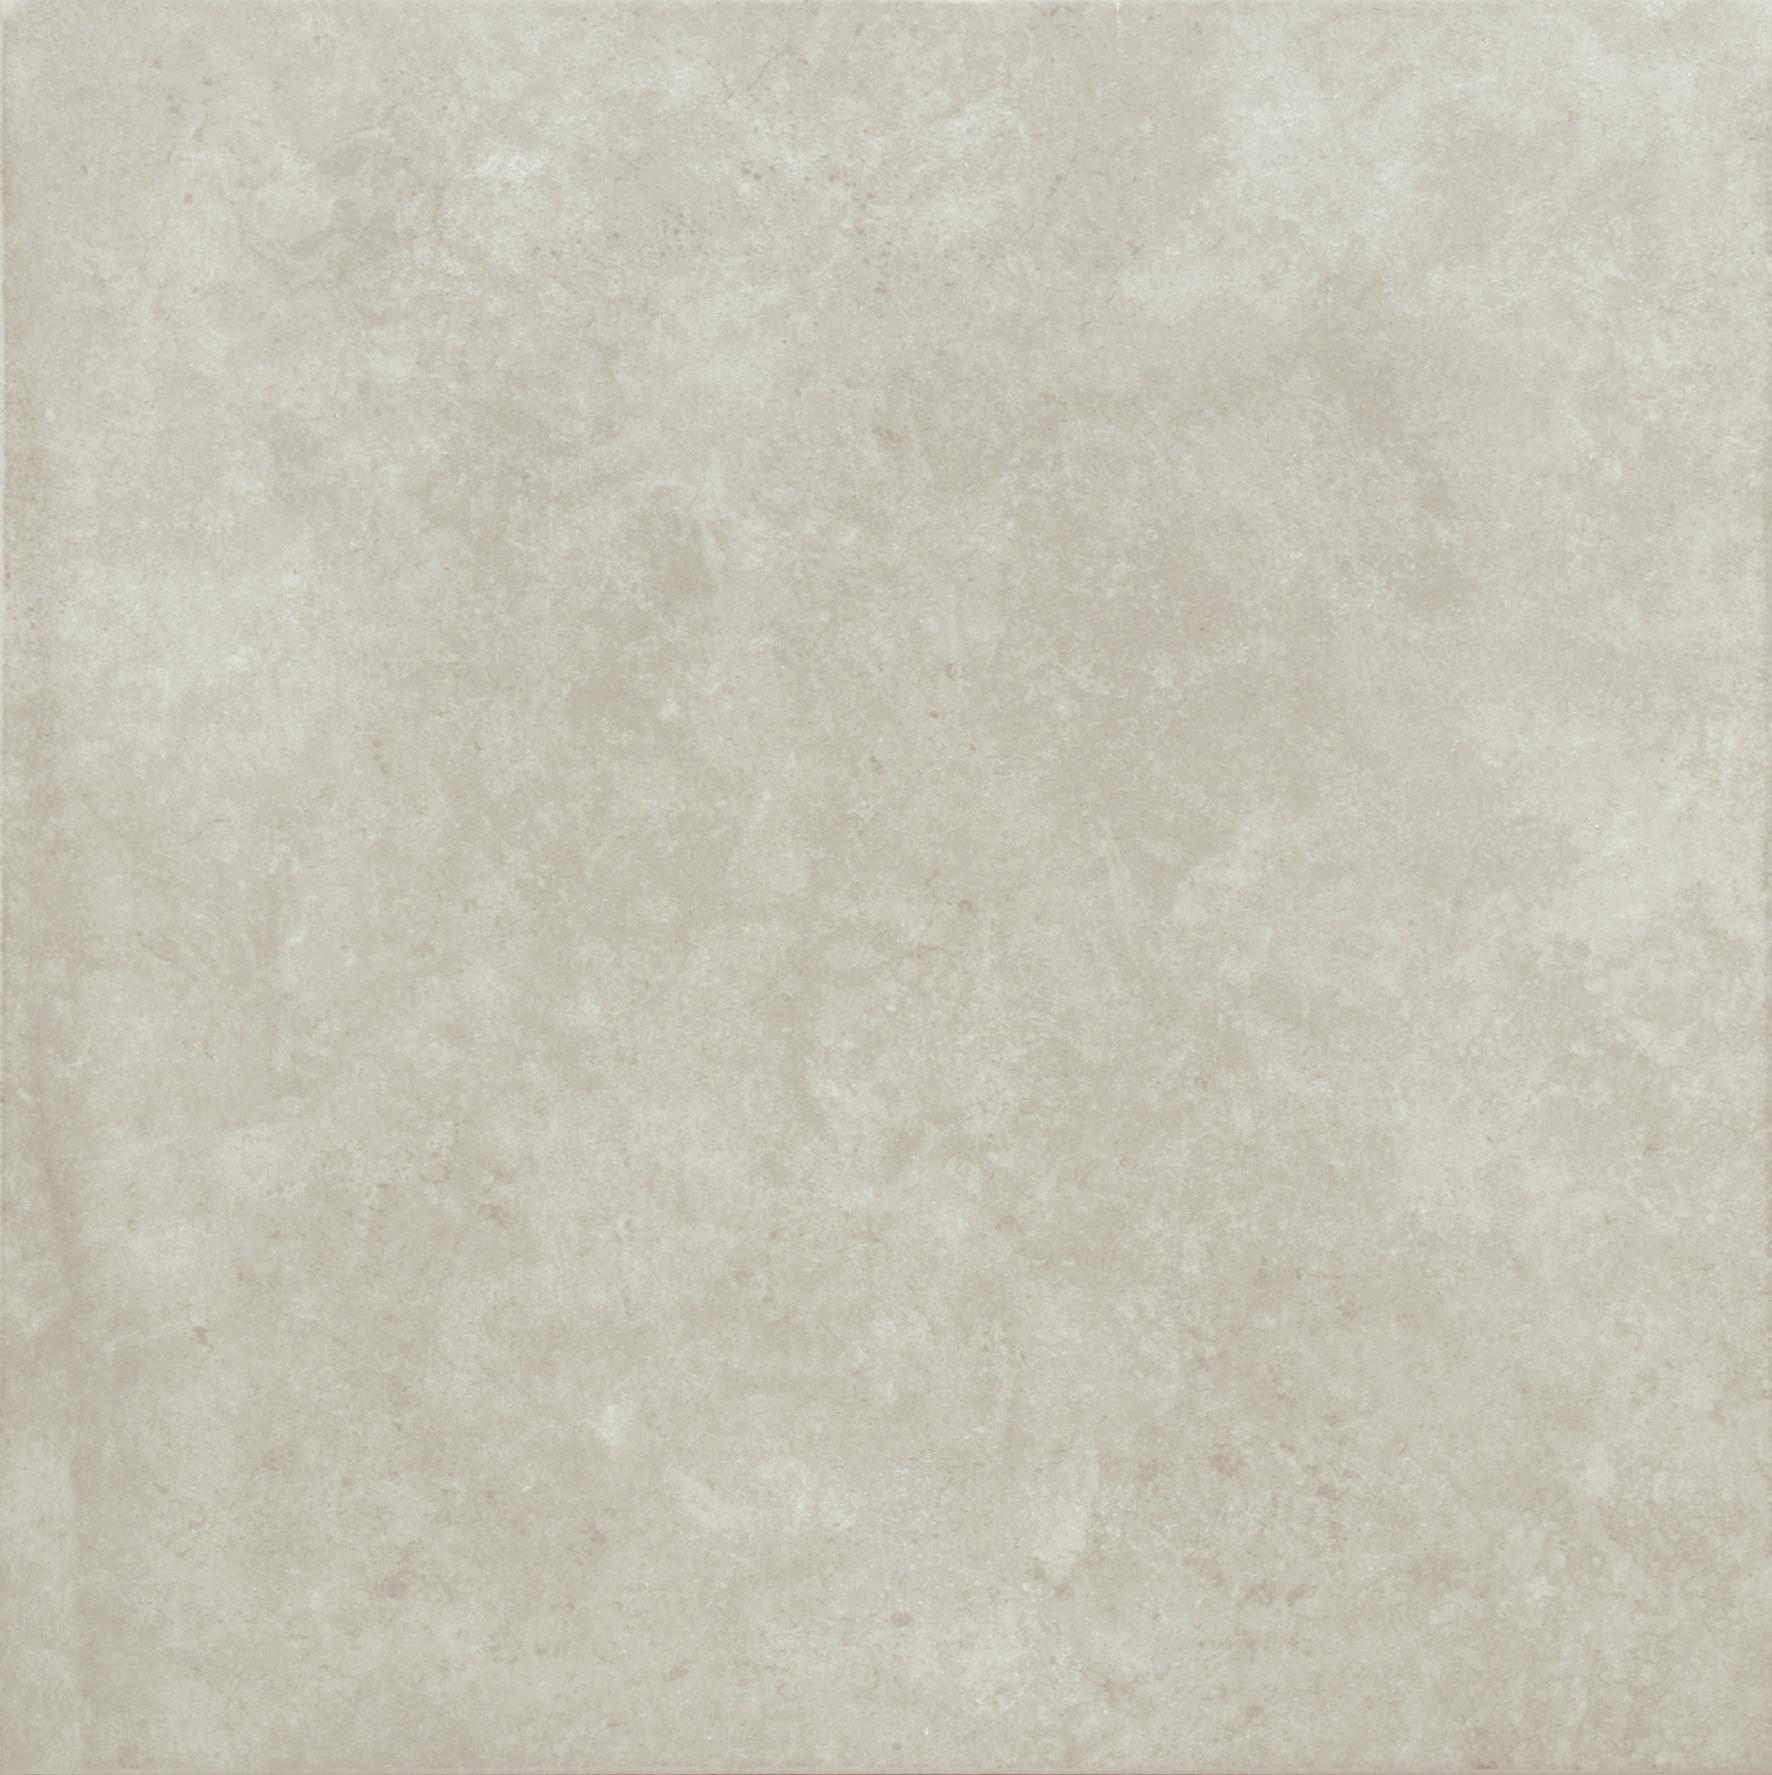 45x45 Action grigio